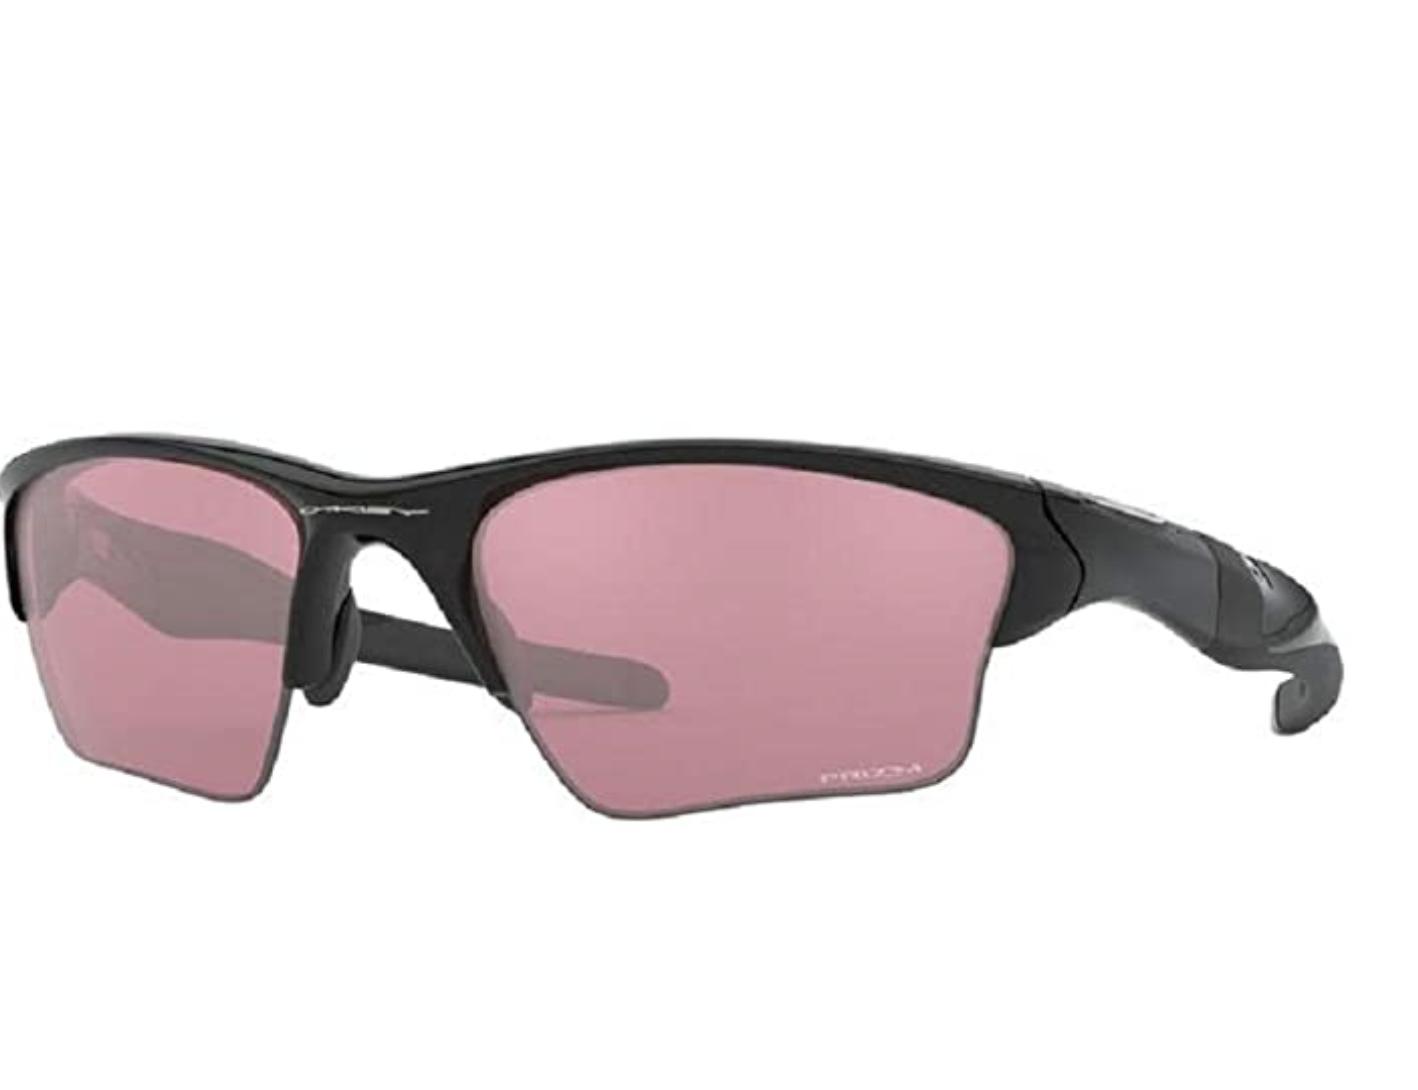 Oakley Half Jacket 2.0 XL OO9154 Sunglasses For Men+BUNDLE with Oakley Accessory Leash Kit